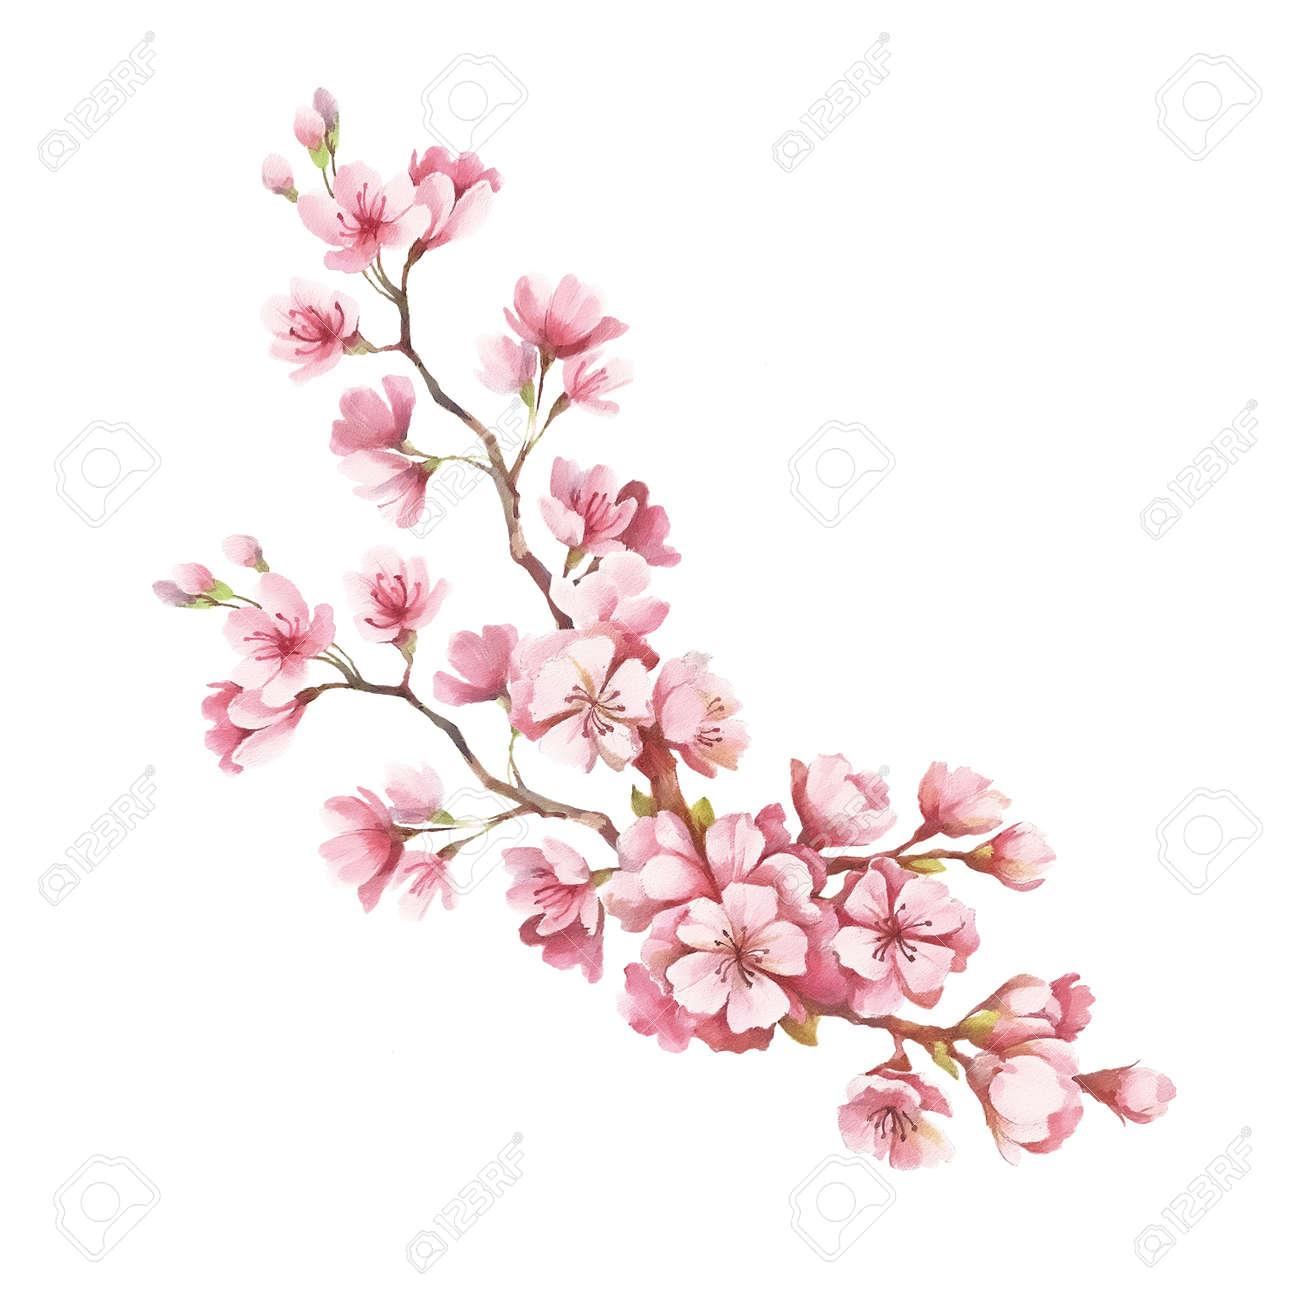 Rama De Flores De Cerezo Mano Dibujar La Ilustración Acuarela